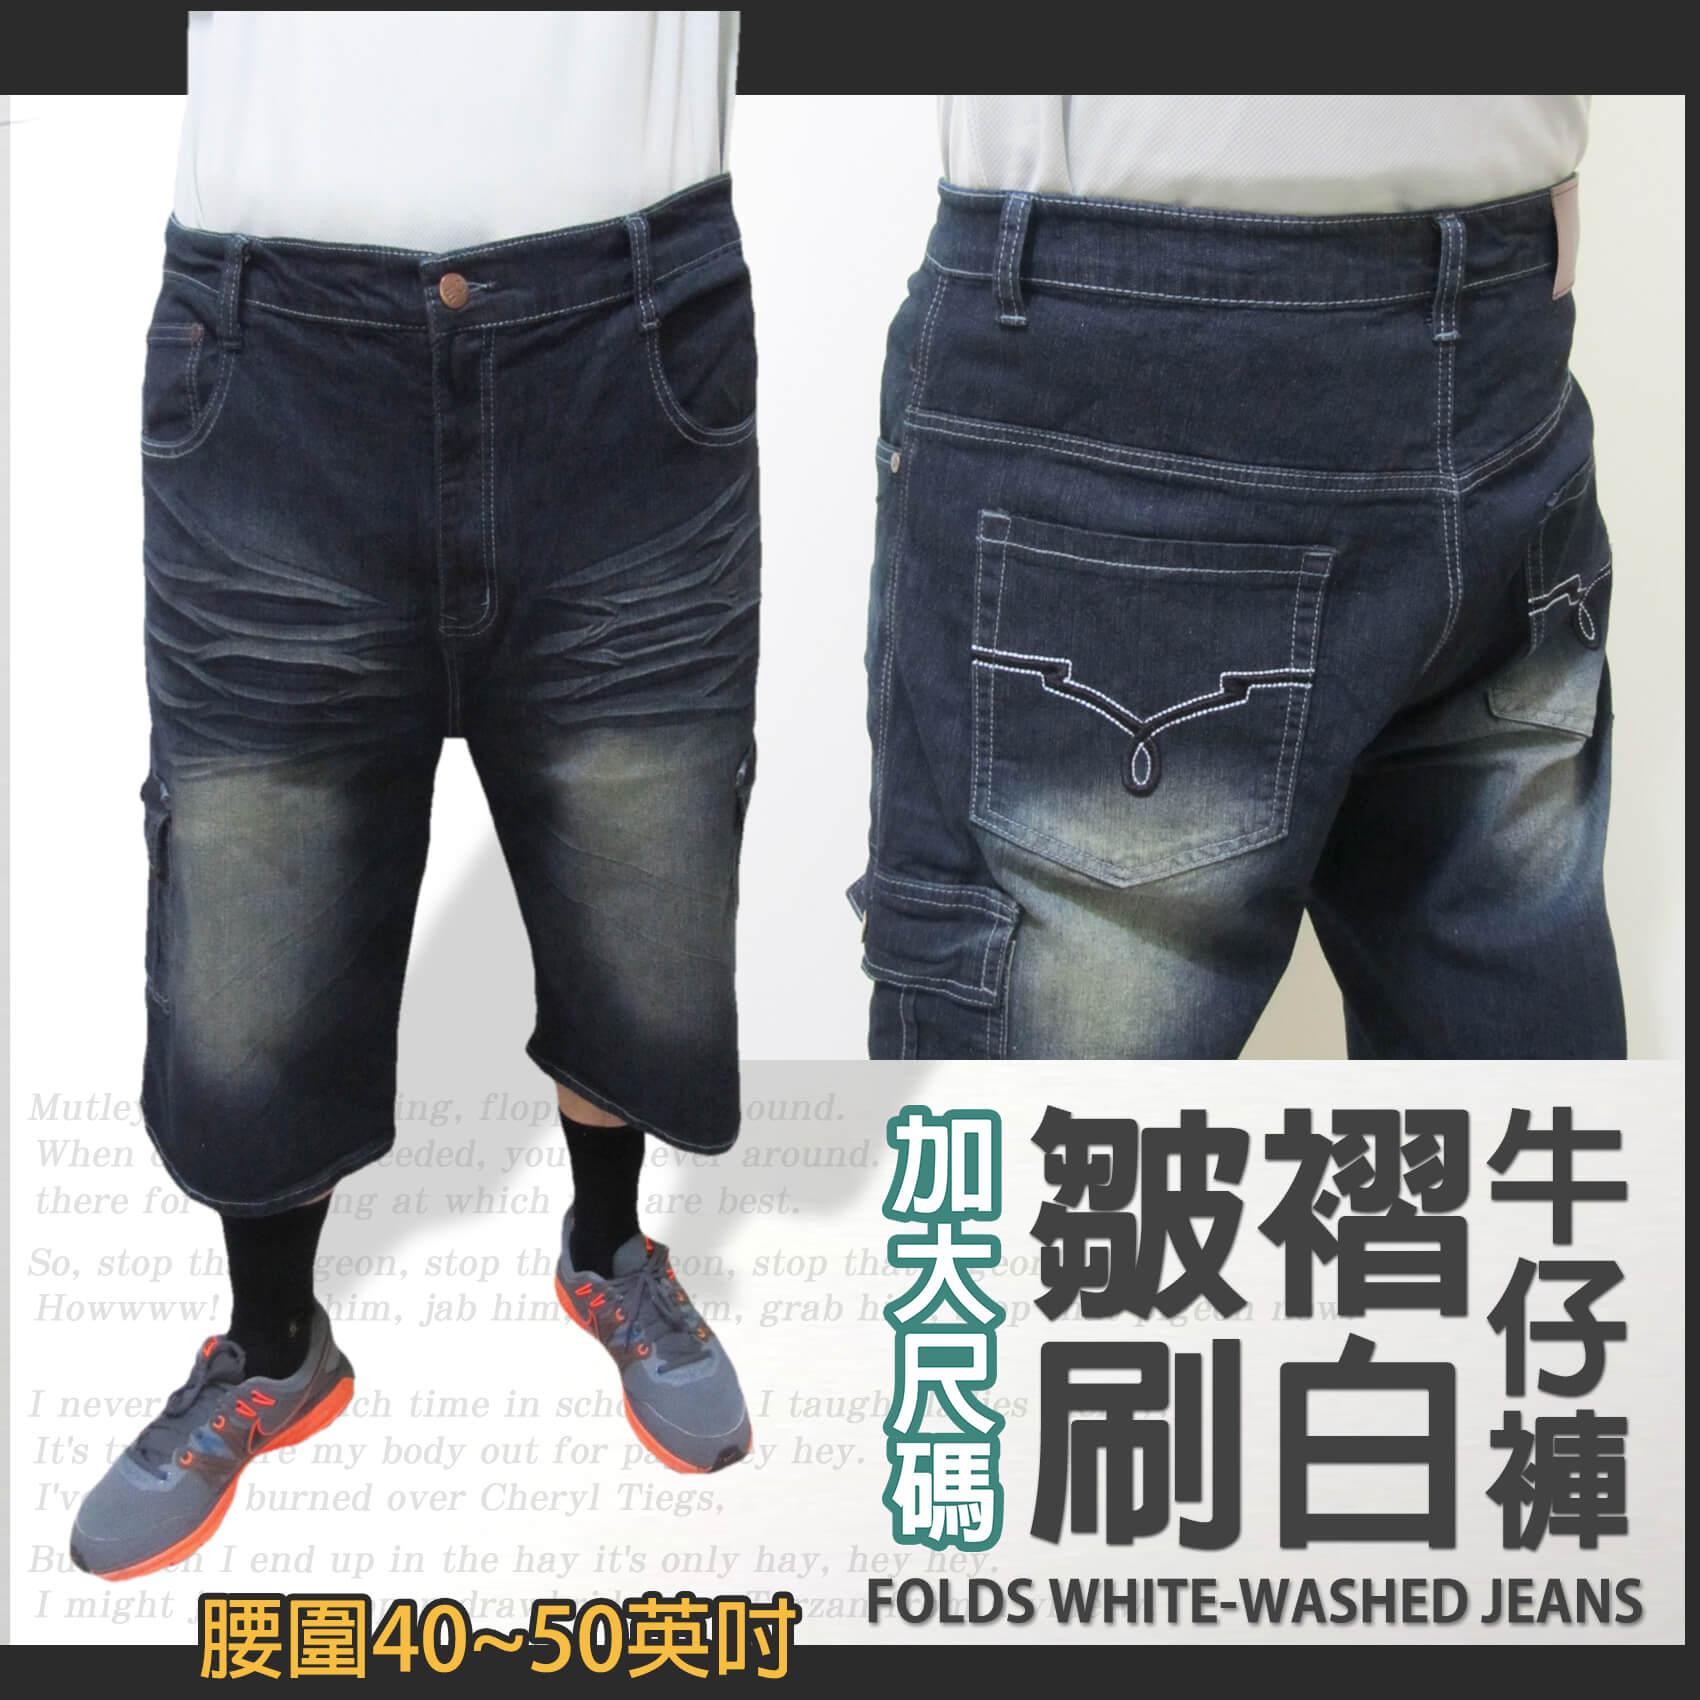 """sun-e加大尺碼""""皺褶刷白""""牛仔六分褲、加大尺碼六分牛仔褲、加大尺碼彈性六分褲、加大尺碼多口袋短褲、加大尺碼丹寧六分褲、加大尺碼六分工作褲、側貼袋牛仔褲、多口袋工作褲、休閒短褲、休閒六分褲、多口袋休閒褲、多口袋牛仔褲、多口袋六分褲、丹寧短褲、丹寧工作褲、休閒牛仔褲、彈性牛仔褲、彈性短褲、彈性休閒褲、工作短褲、牛仔工作褲、腰圍有皮帶環(褲耳)、褲檔有拉鍊、黑色牛仔六分褲、黑色牛仔短褲(329-3710-21)黑色 腰圍:40 42 44 46 48 50(英吋)"""